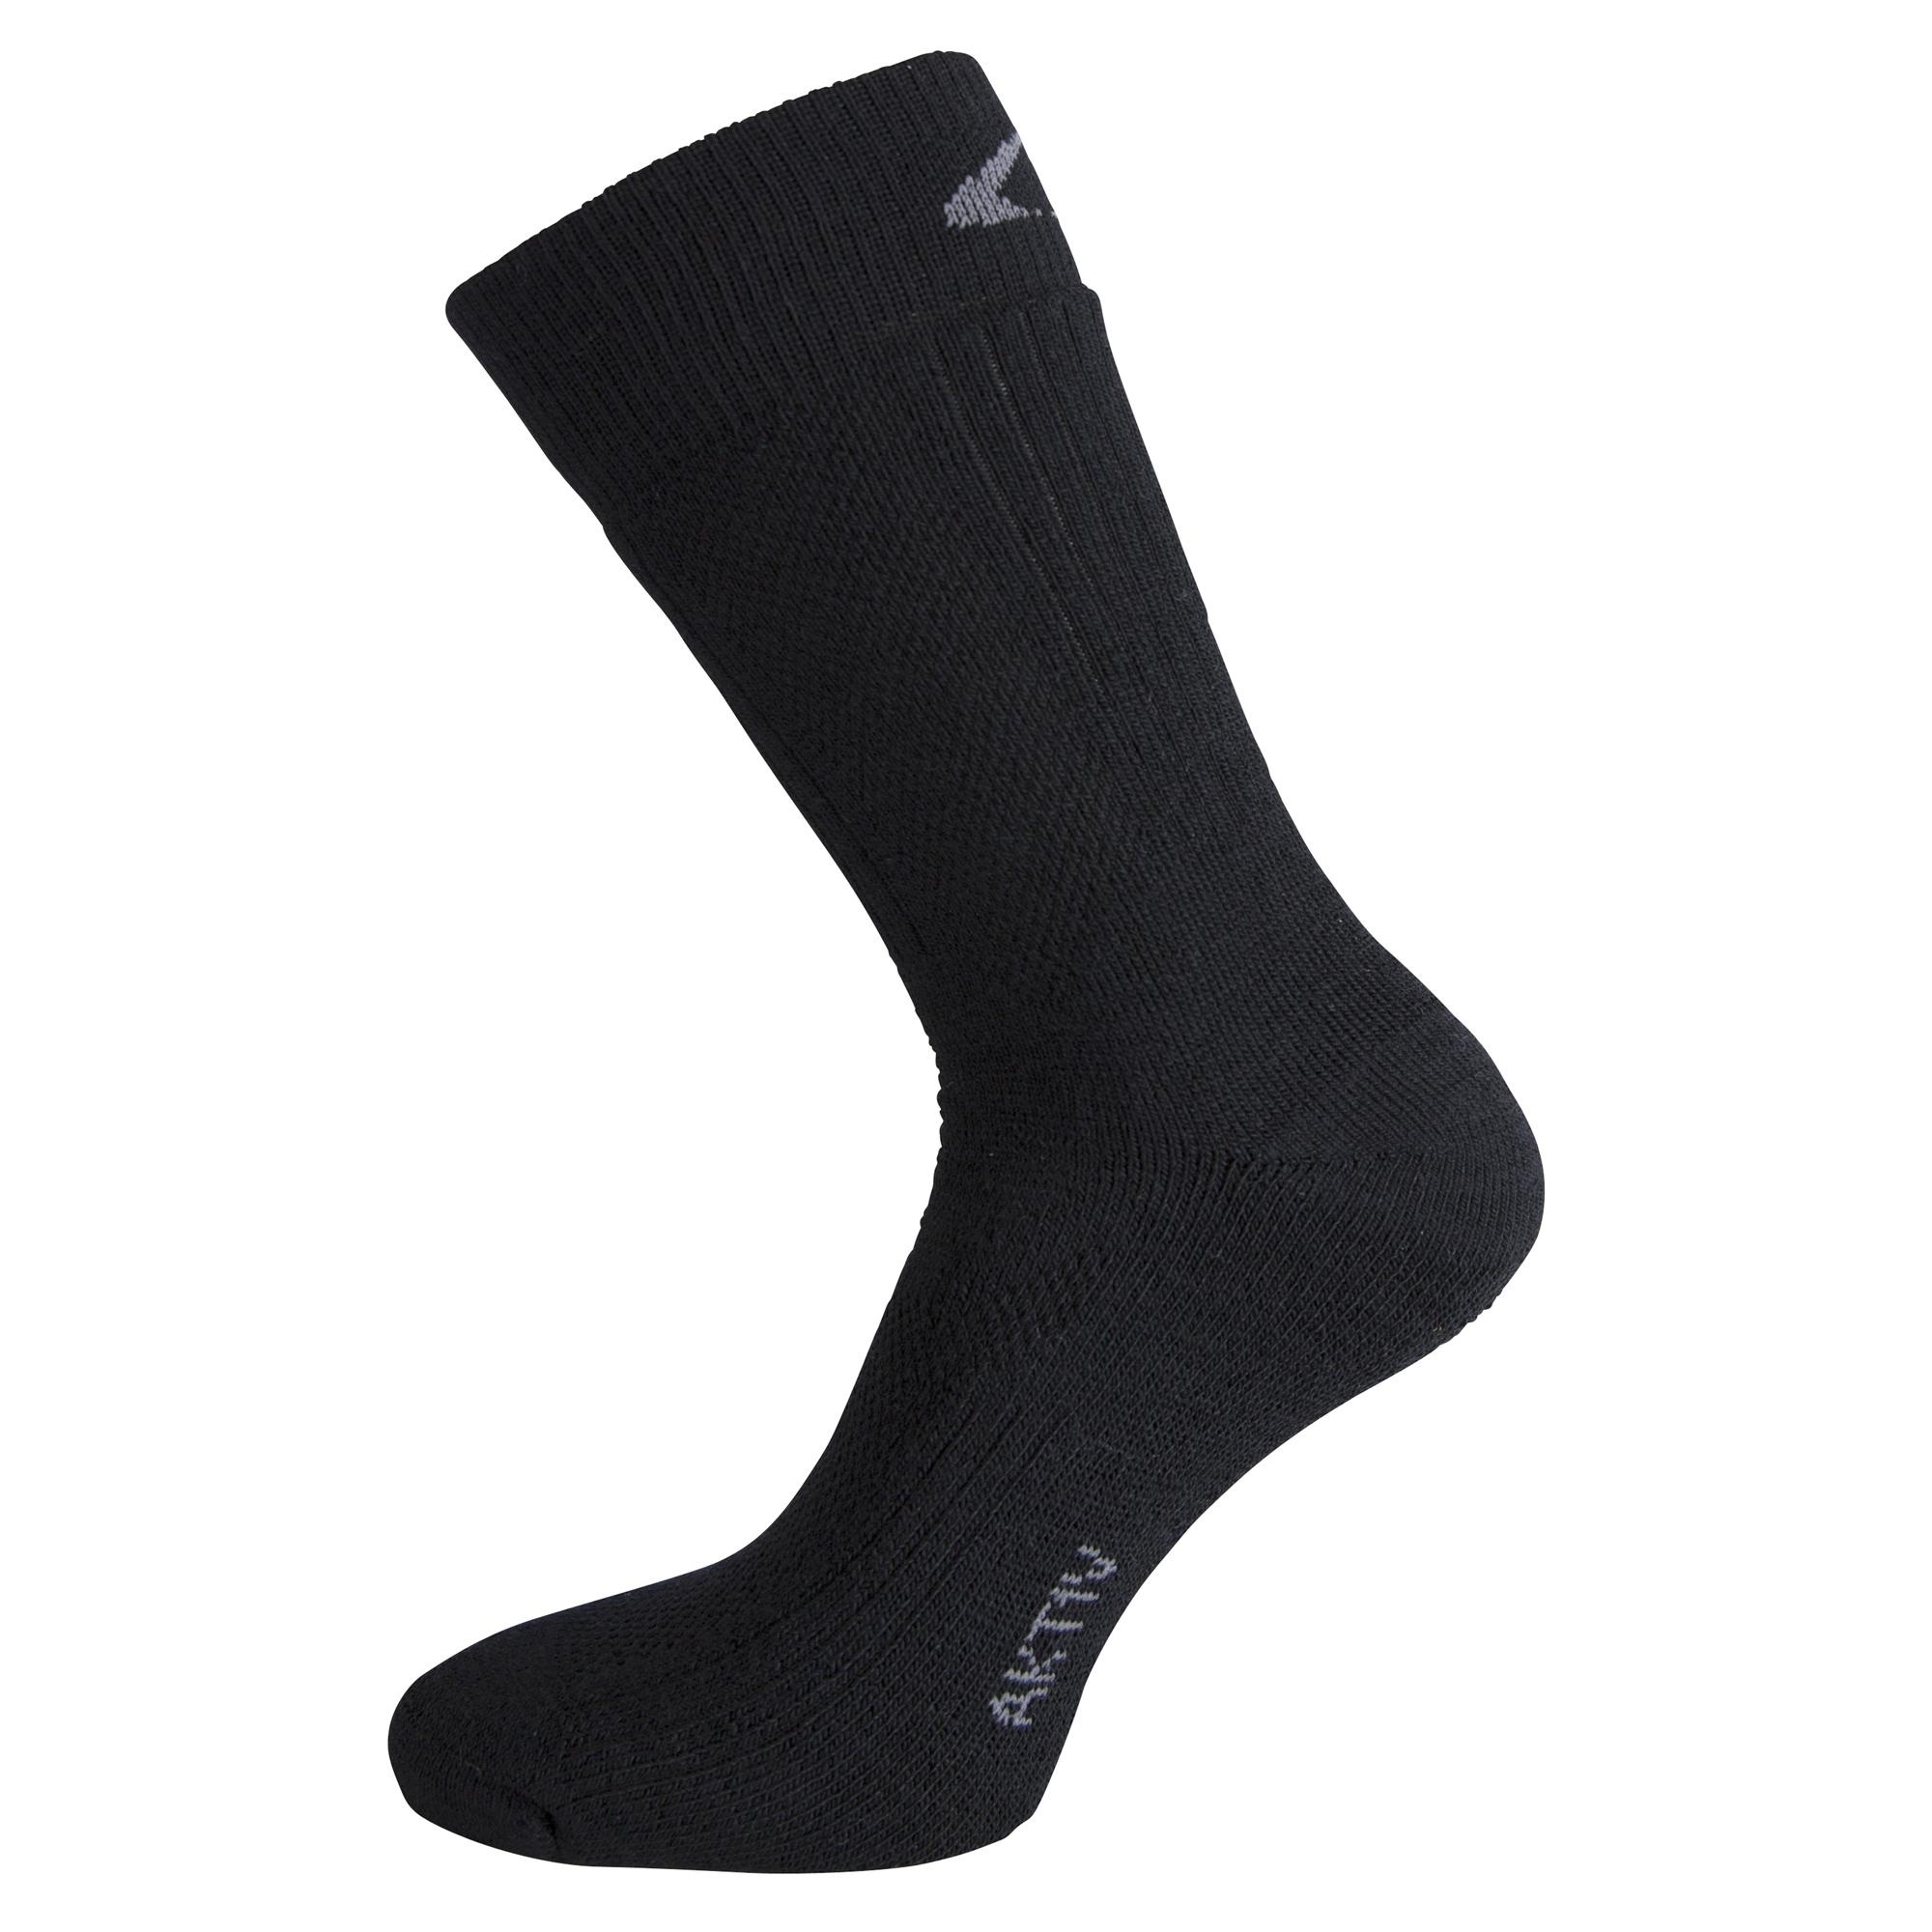 Ulvang Aktiv - Mediumtyk uldsok - Sort | Socks